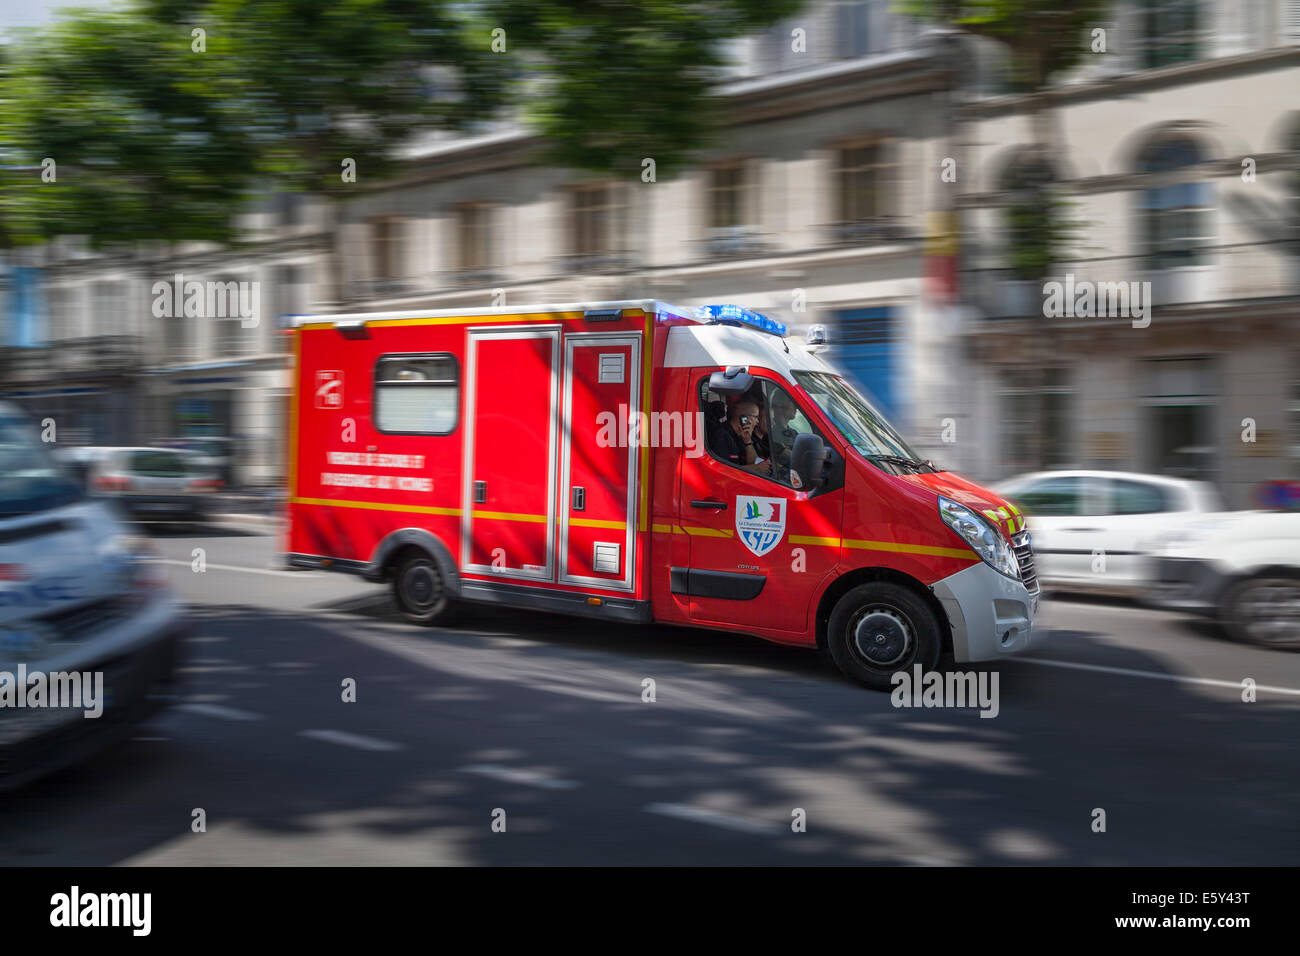 Véhicule d'urgence française floue à la hâte, rue de la ville avec feux bleus clignotant. Photo Stock